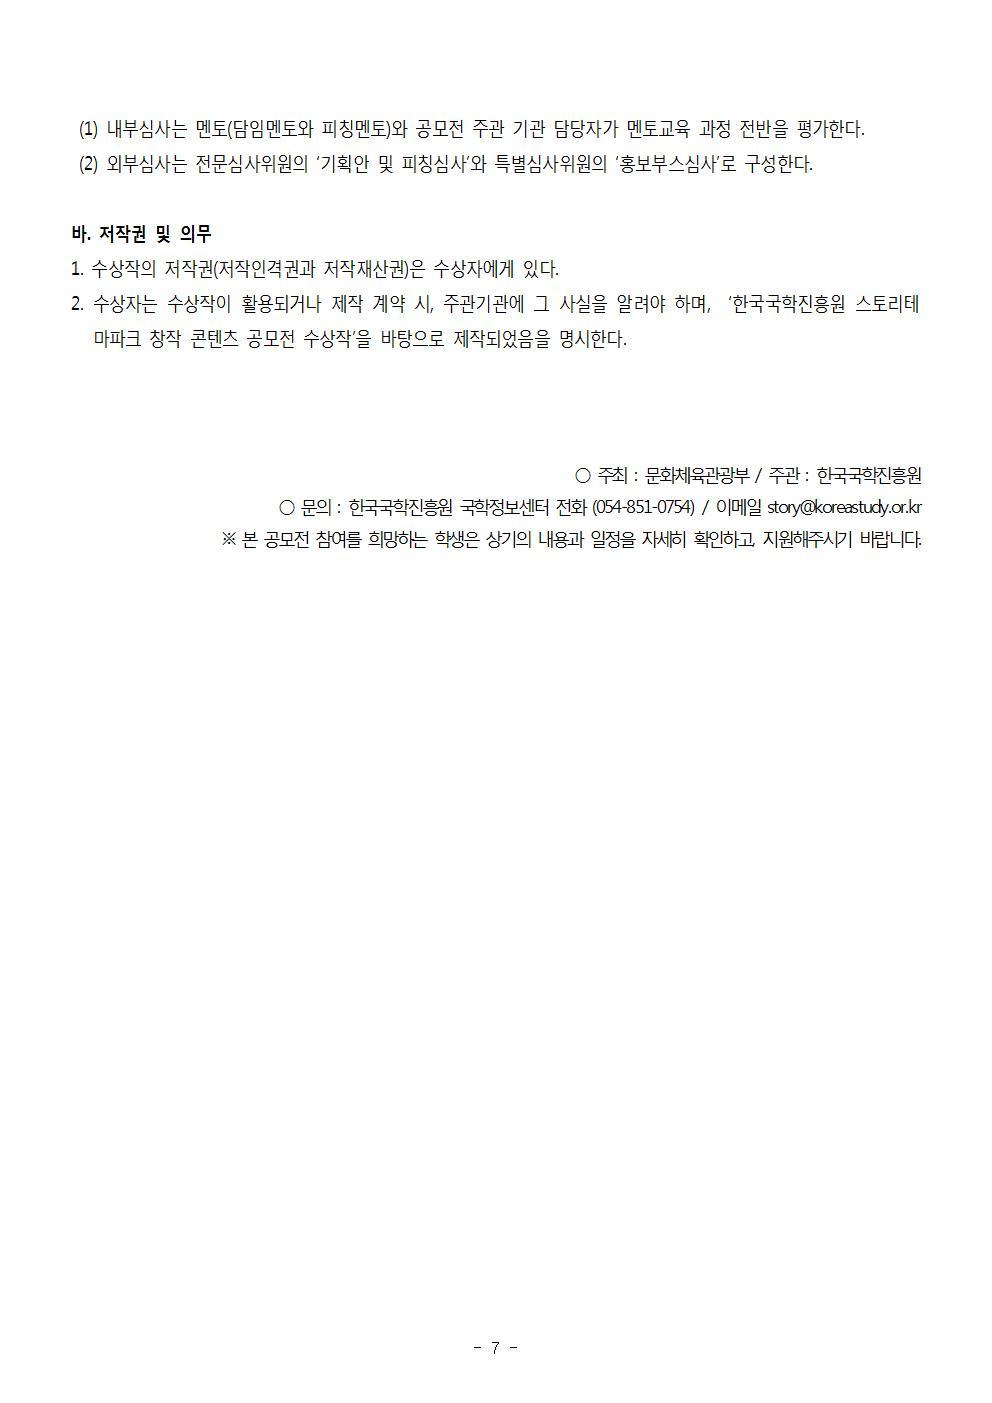 2018_스토리테마파크 공모전(공모요강)007